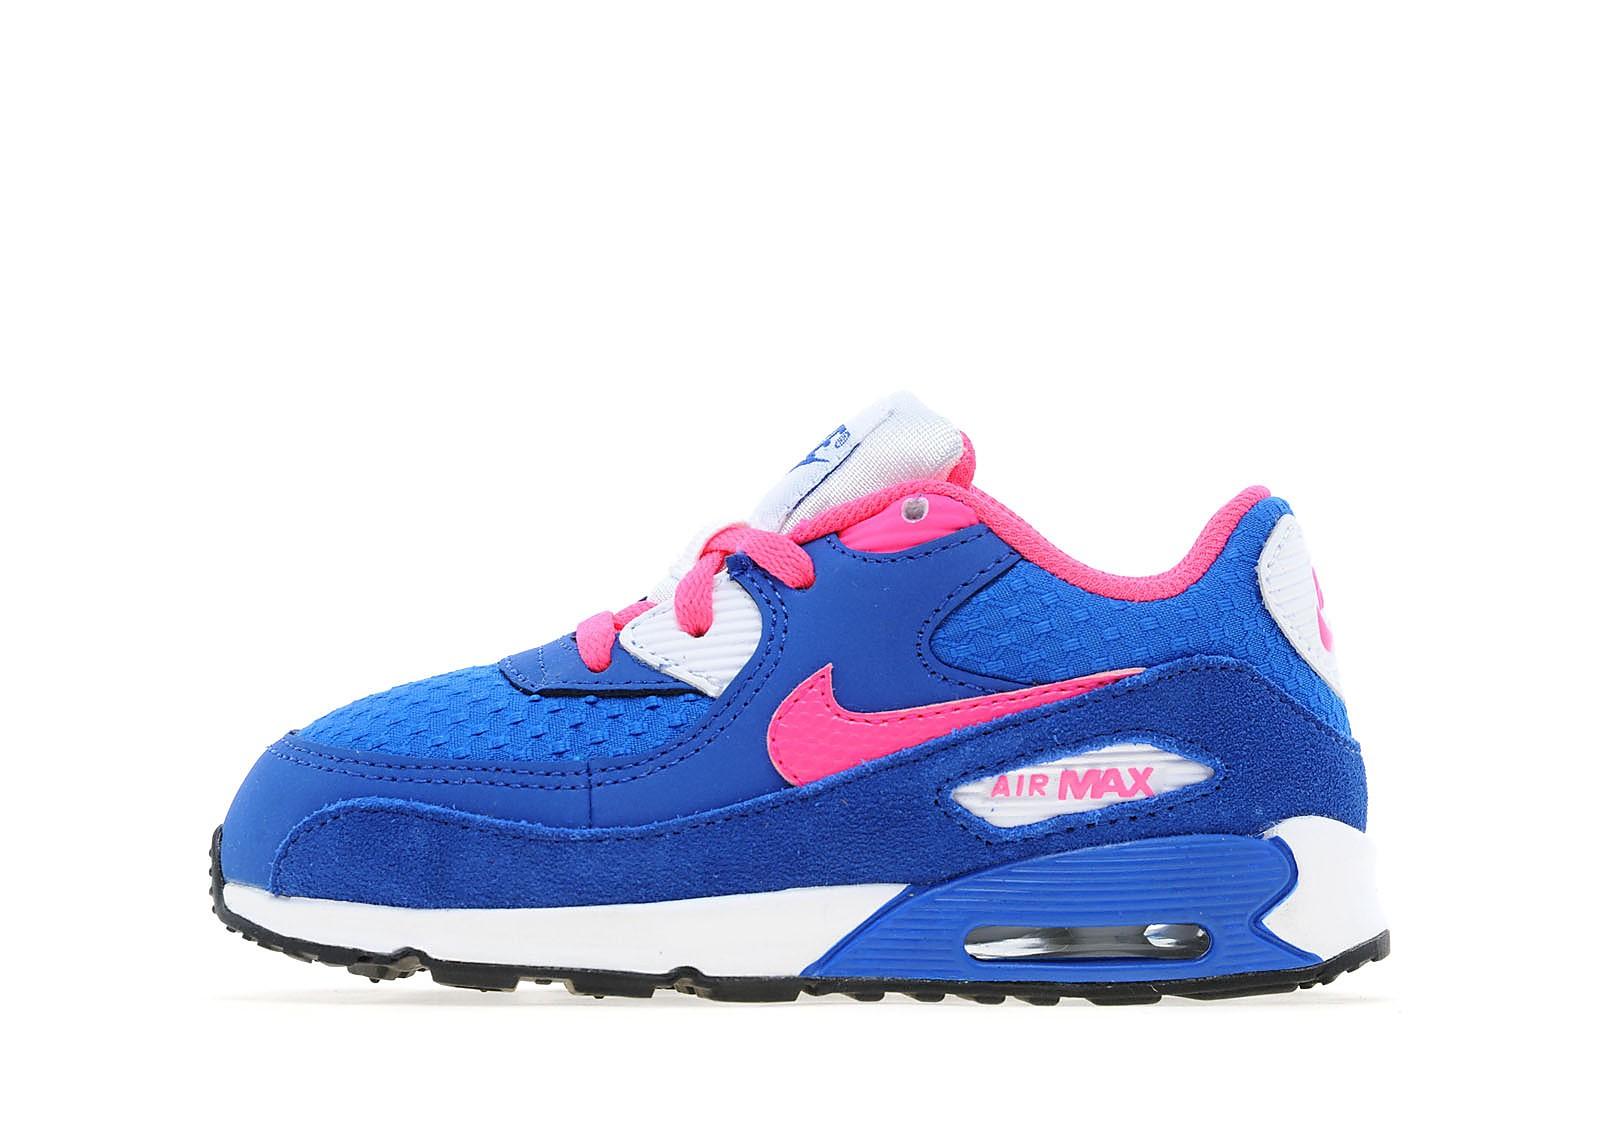 Nike Air Max 90 Jd Sports Praesta